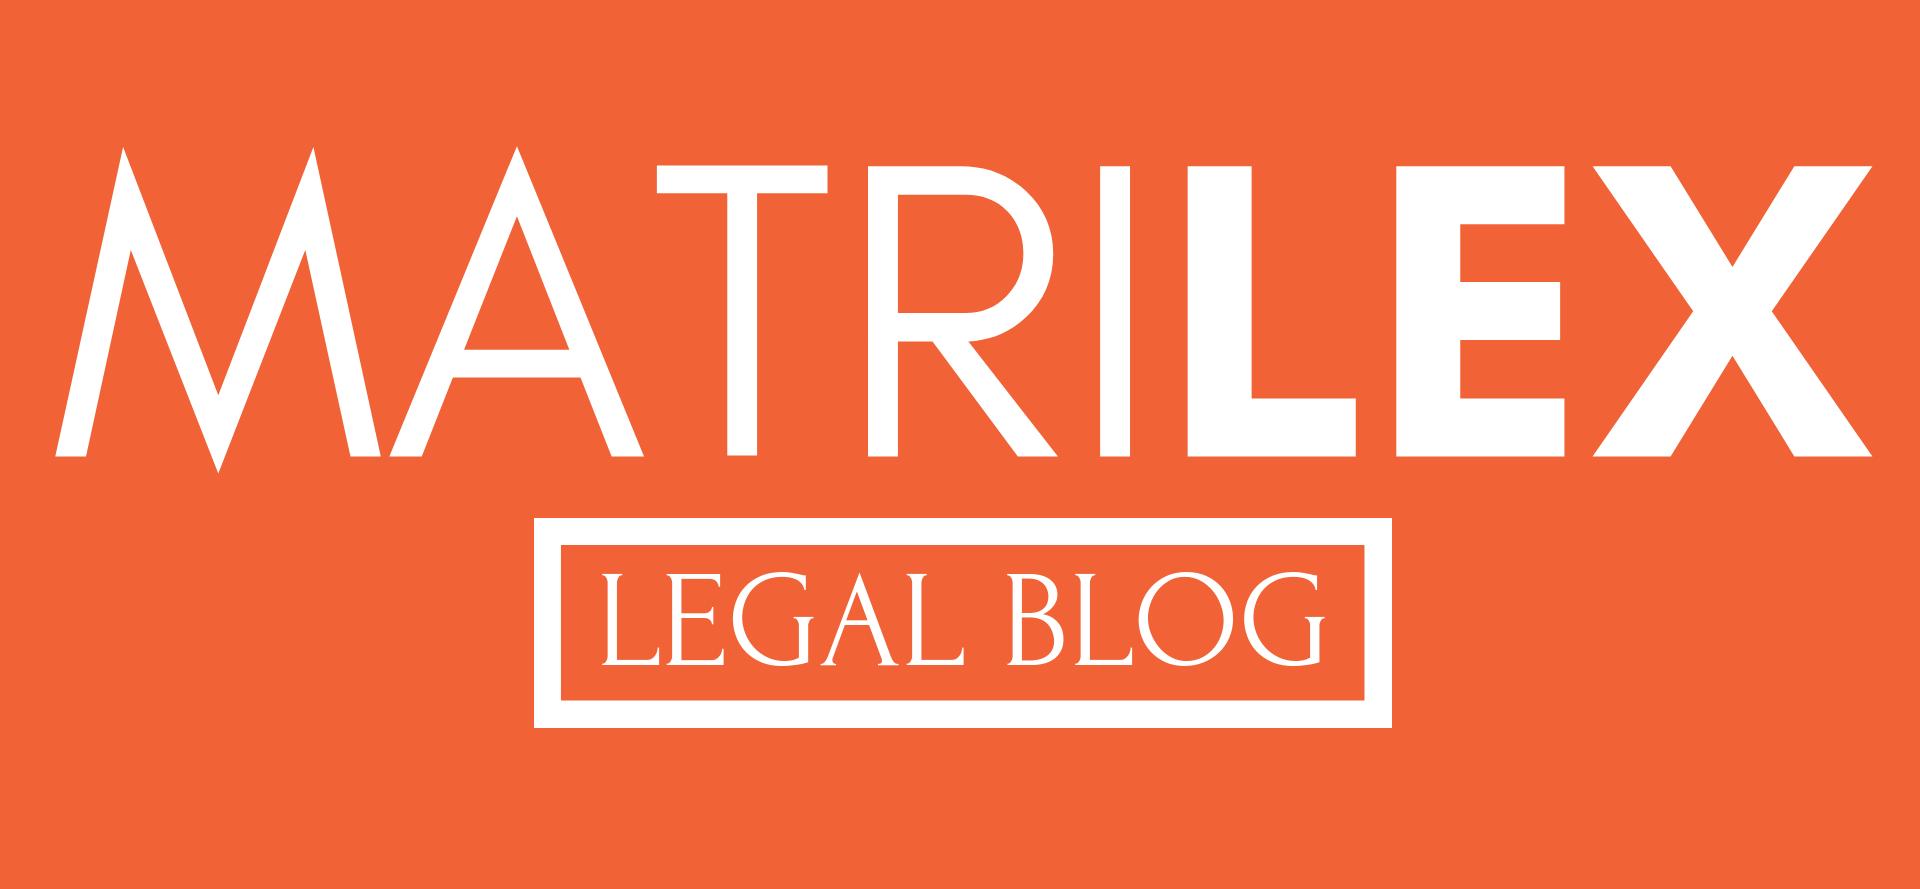 Matrilex legal blog